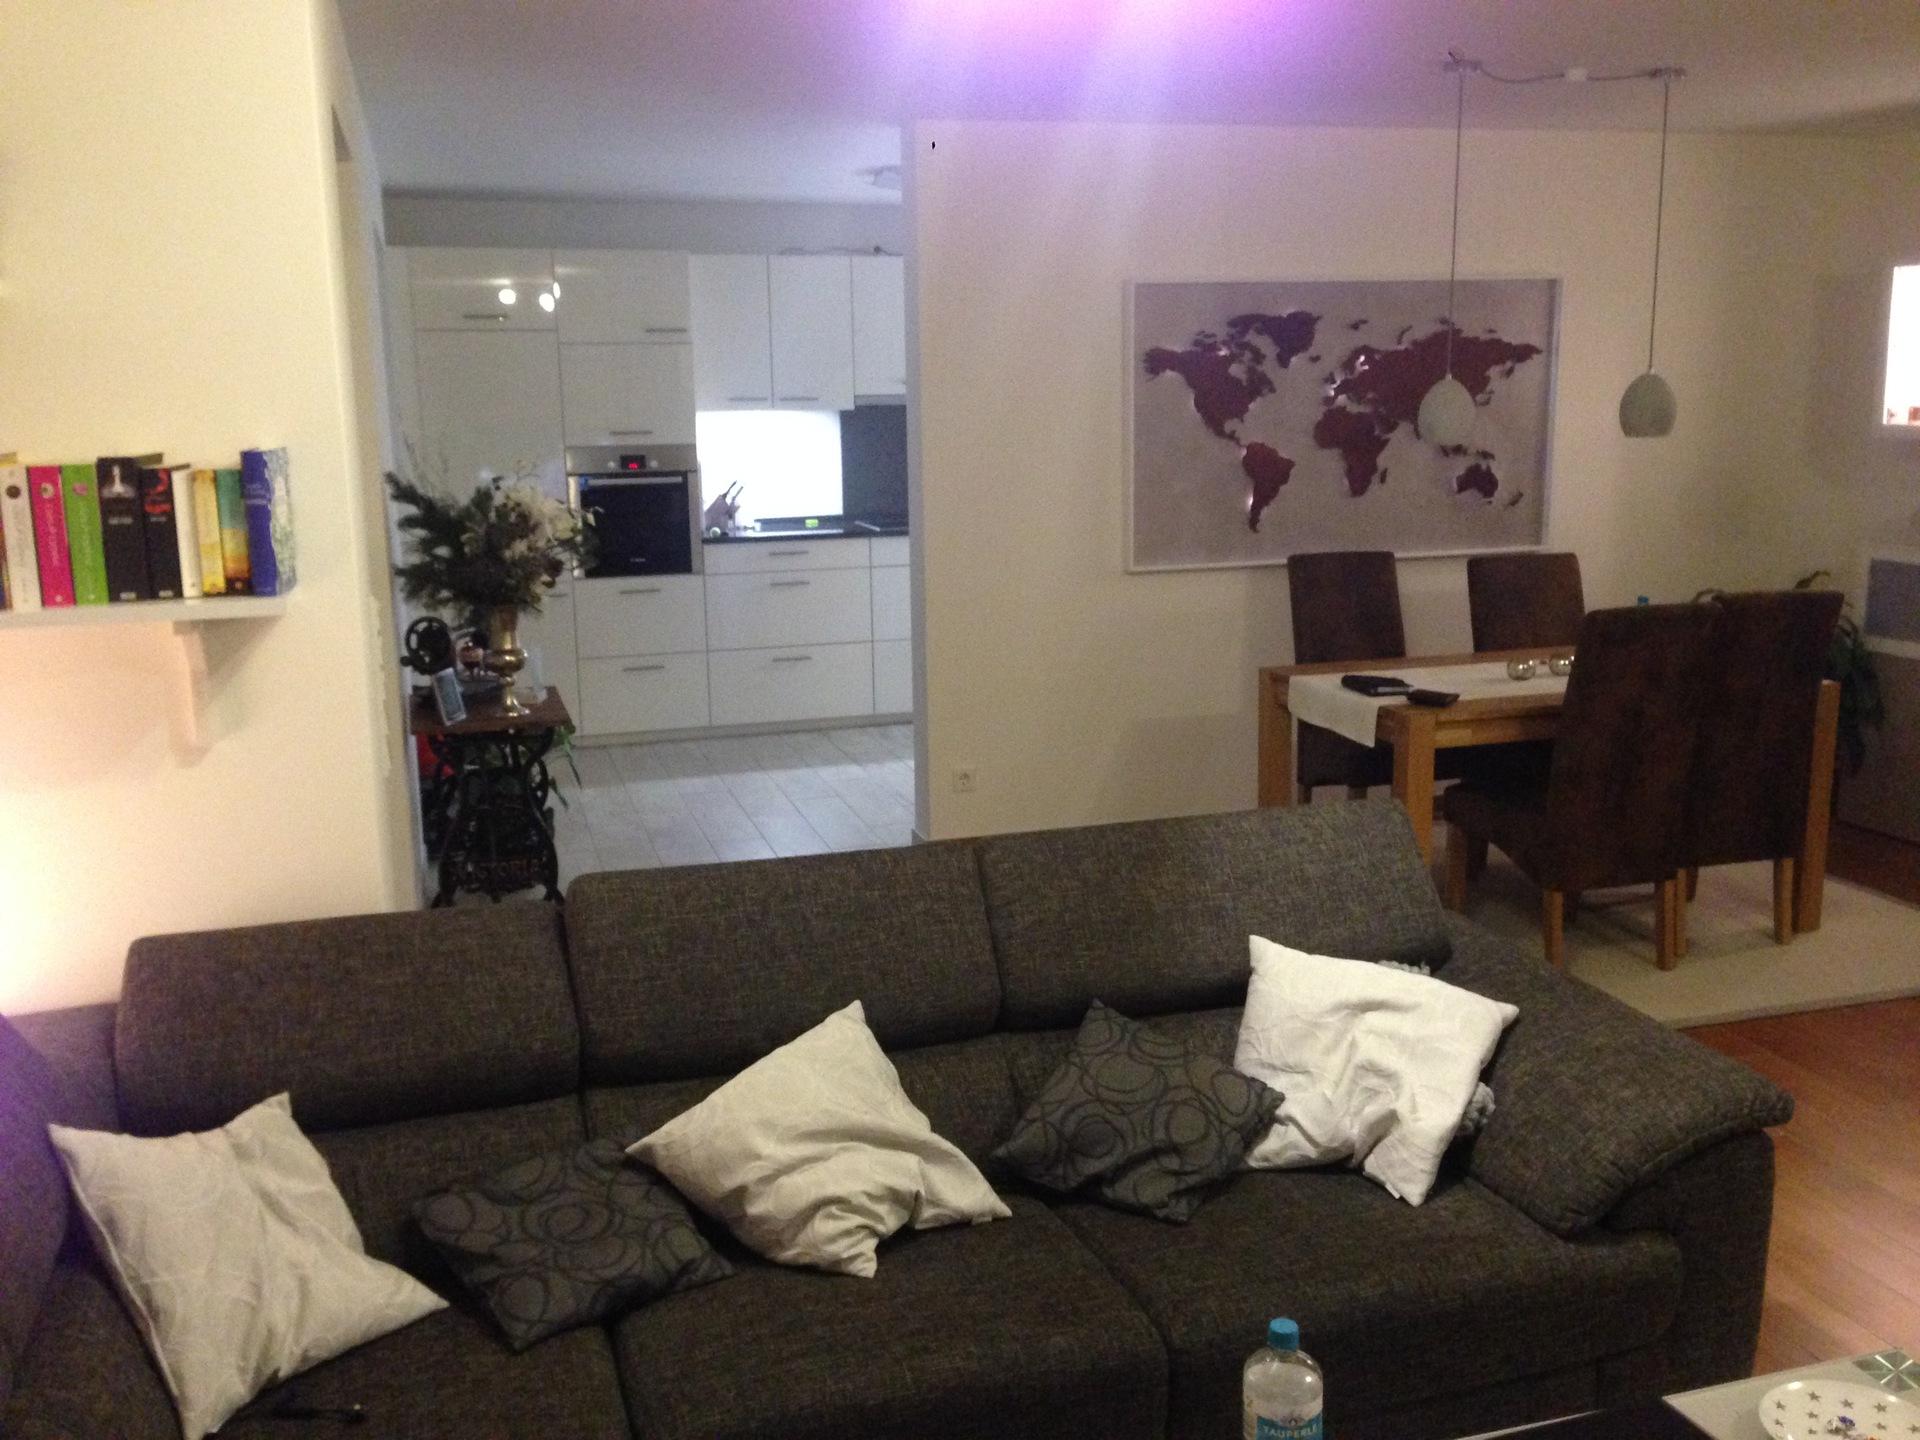 heimkino vs hifi anlage schnepel vs canton 1 canton cantonergo695schnepelvaric image2 hifi. Black Bedroom Furniture Sets. Home Design Ideas